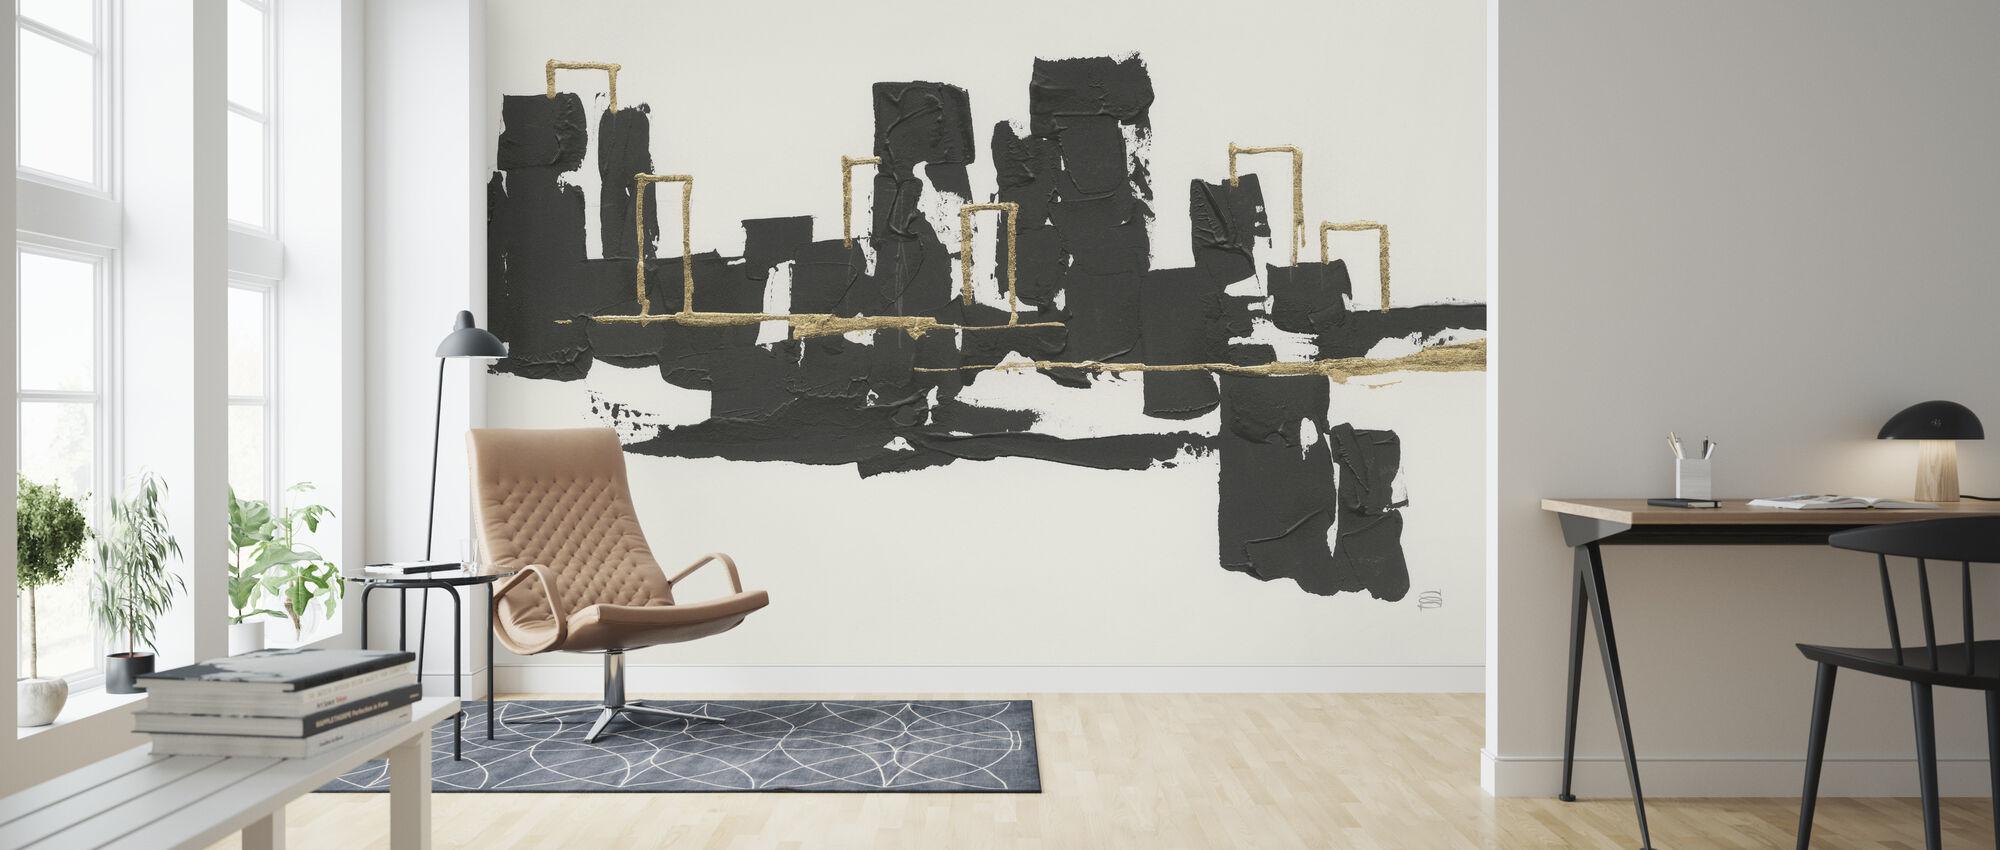 Gilded City I - Wallpaper - Living Room